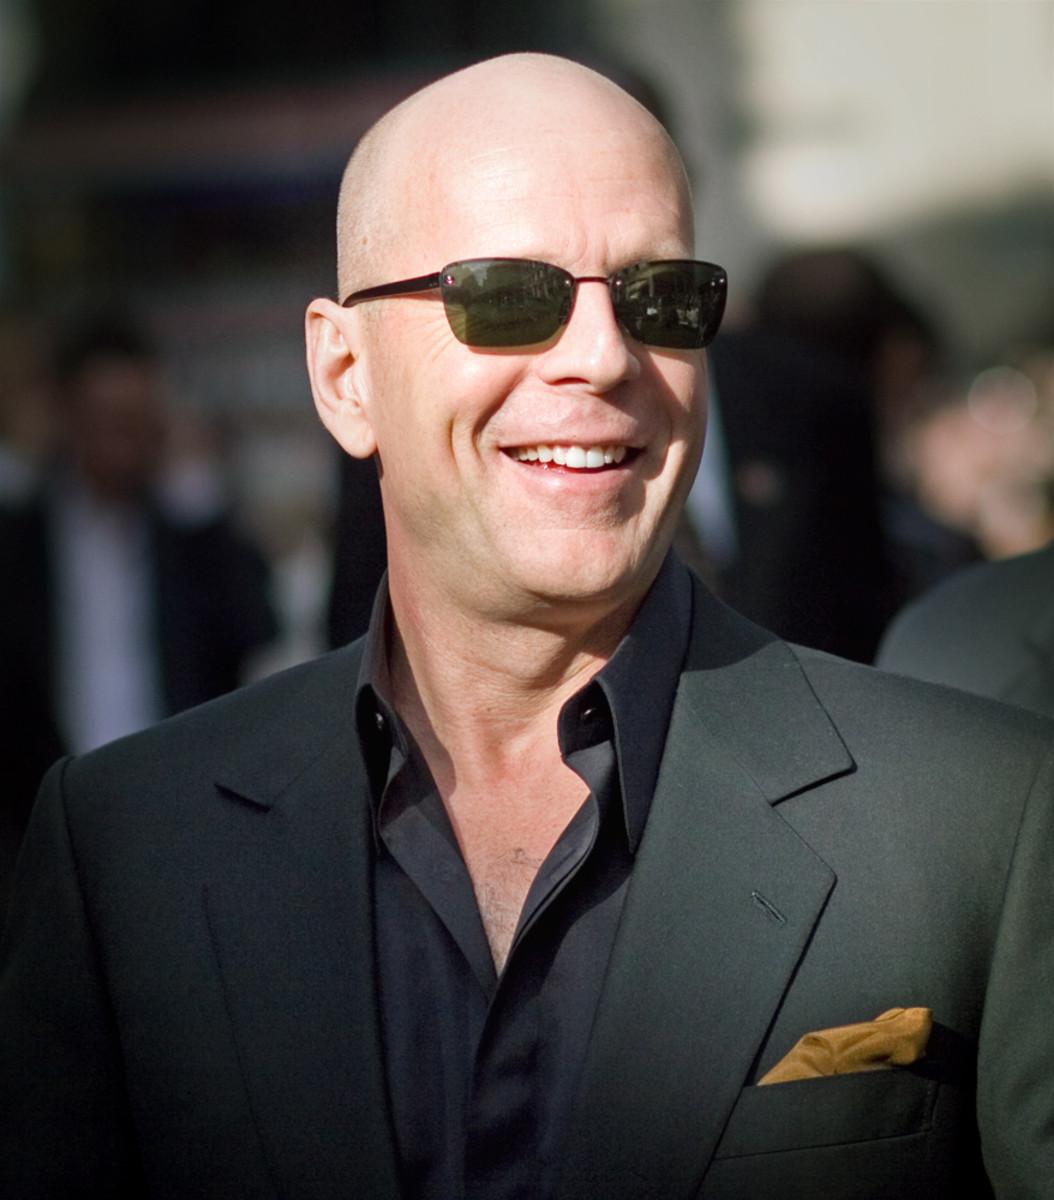 """""""Better a bald head than no head at all"""" - Seamus MacManus"""